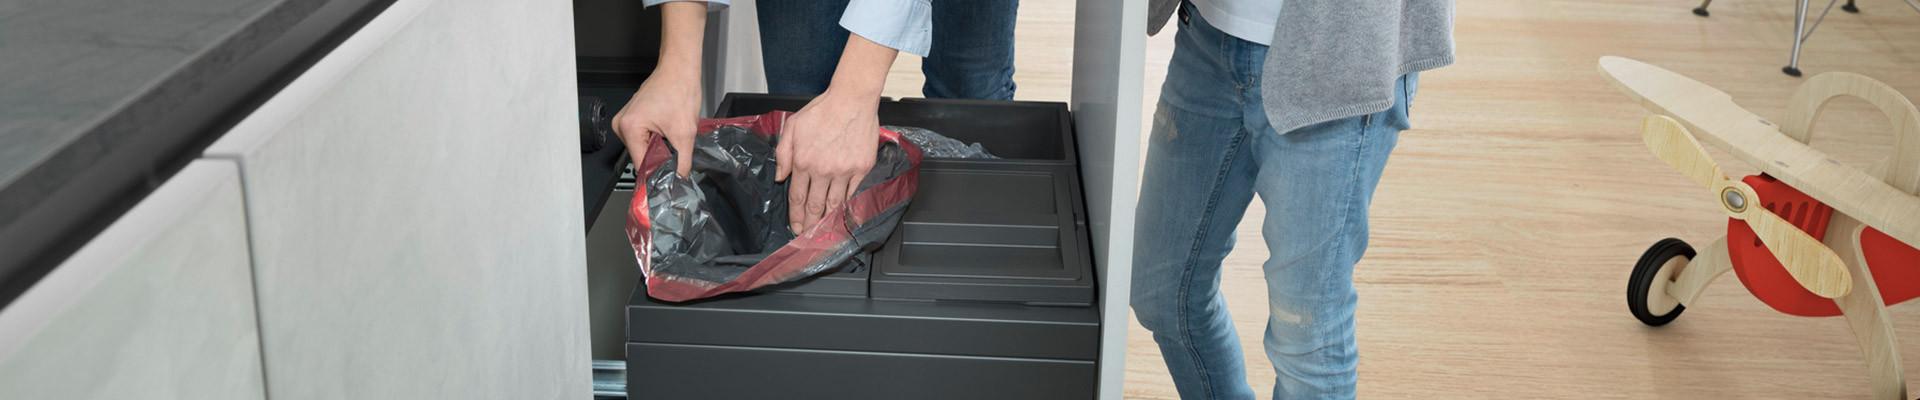 Découvrez les accessoires poubelles Hailo   Livraison Offerte